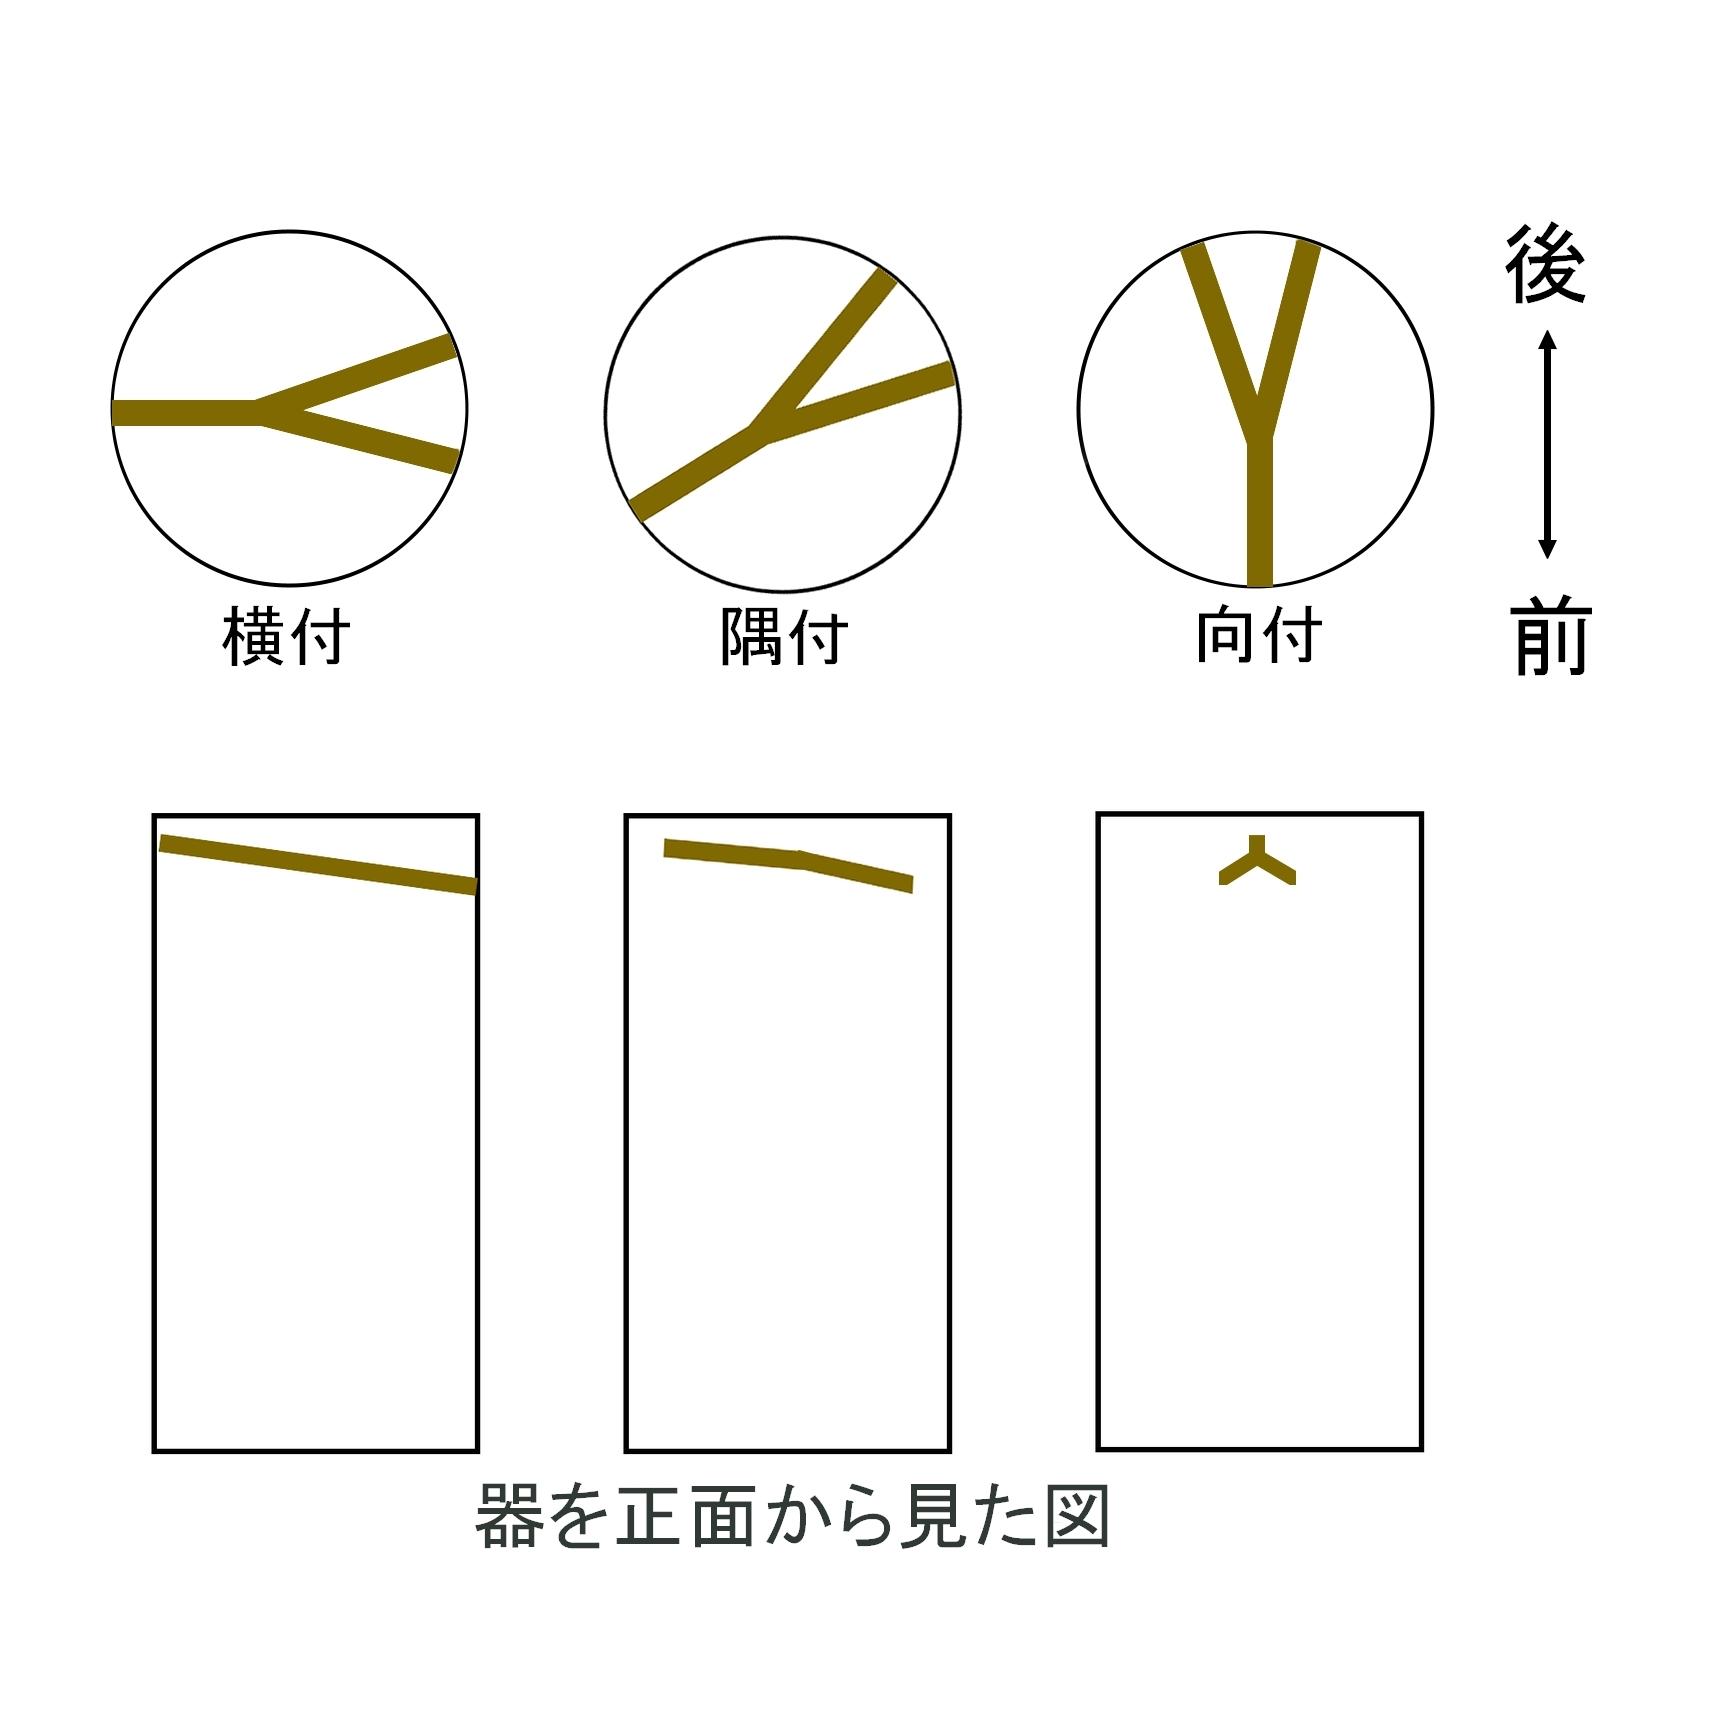 matagi_1.jpg